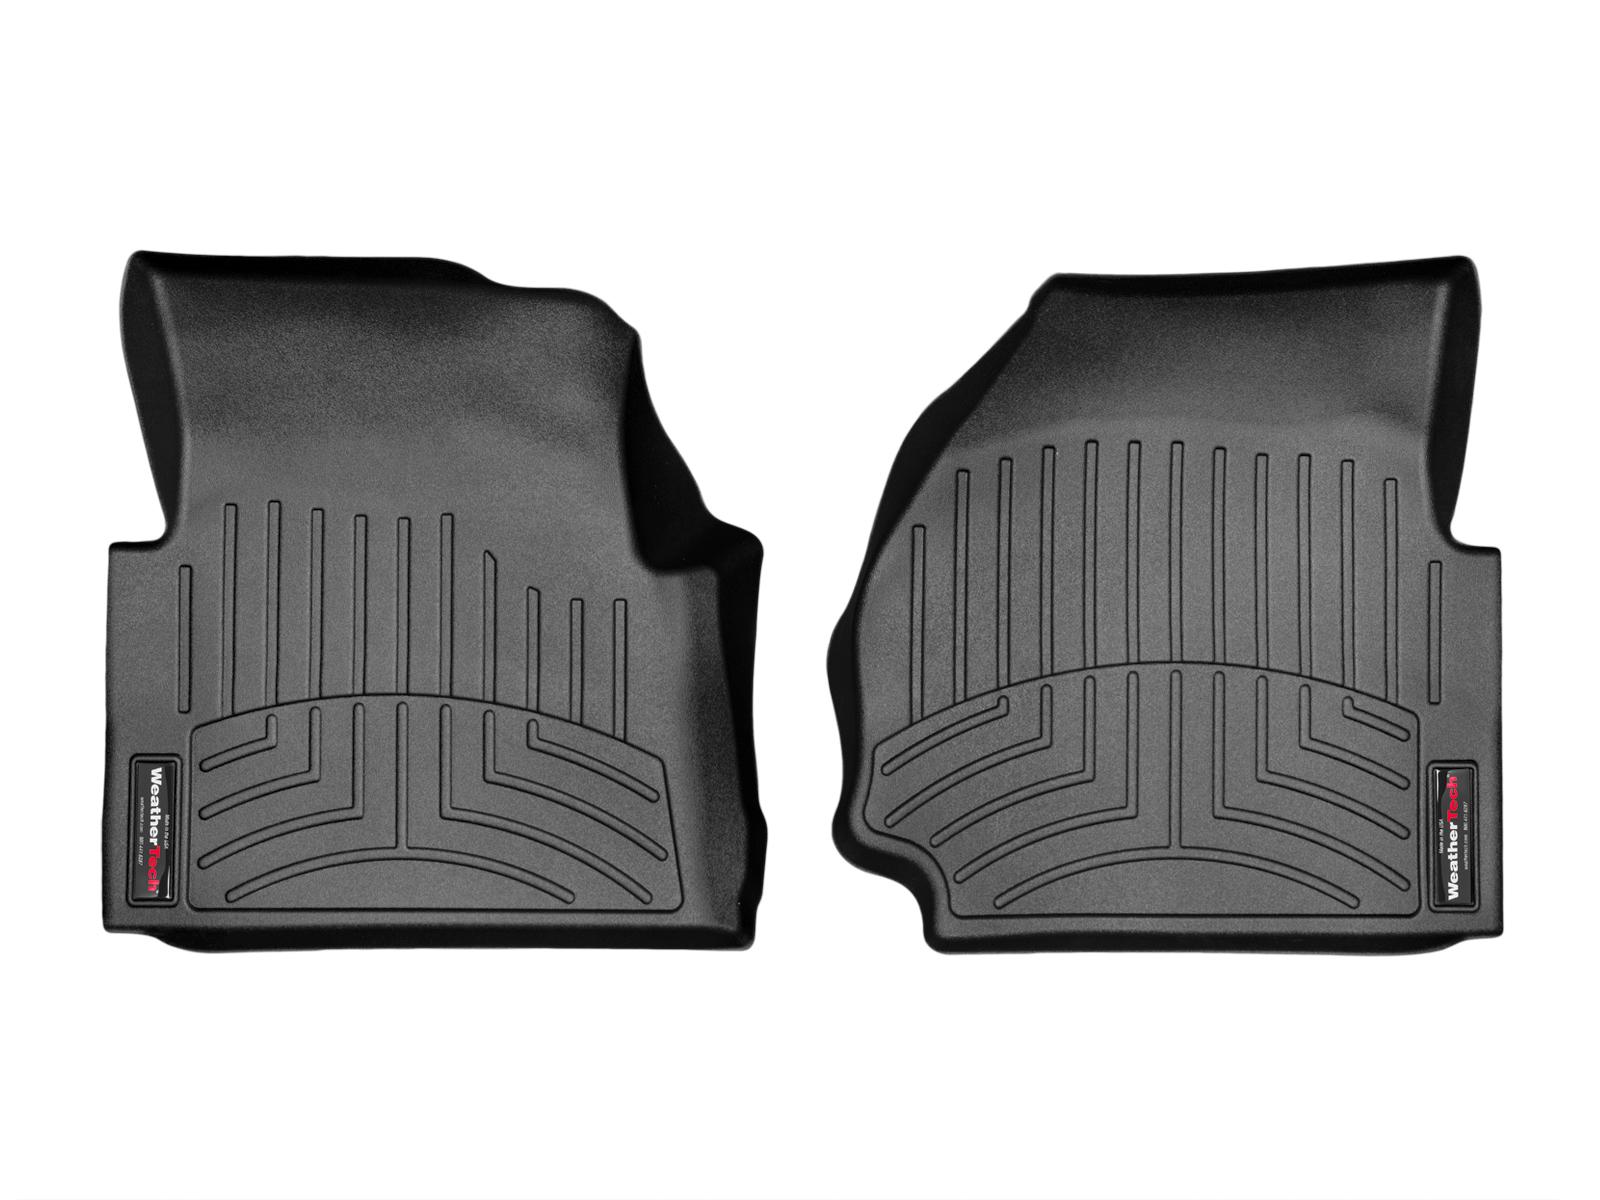 Tappeti gomma su misura bordo alto Land Rover 15>16 Nero A1997*